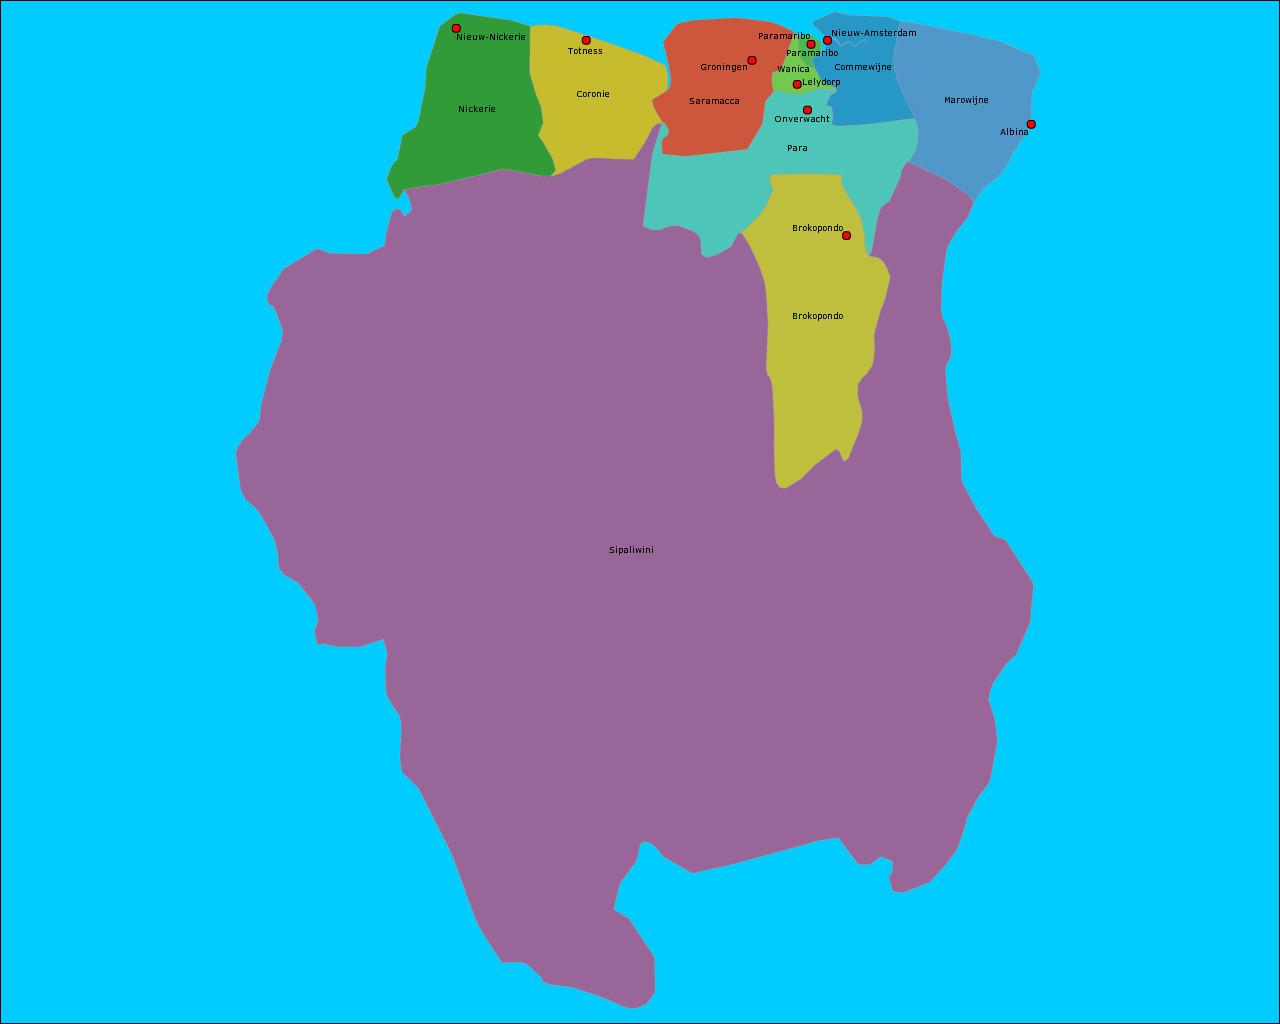 suriname-districten-en-hoofdsteden